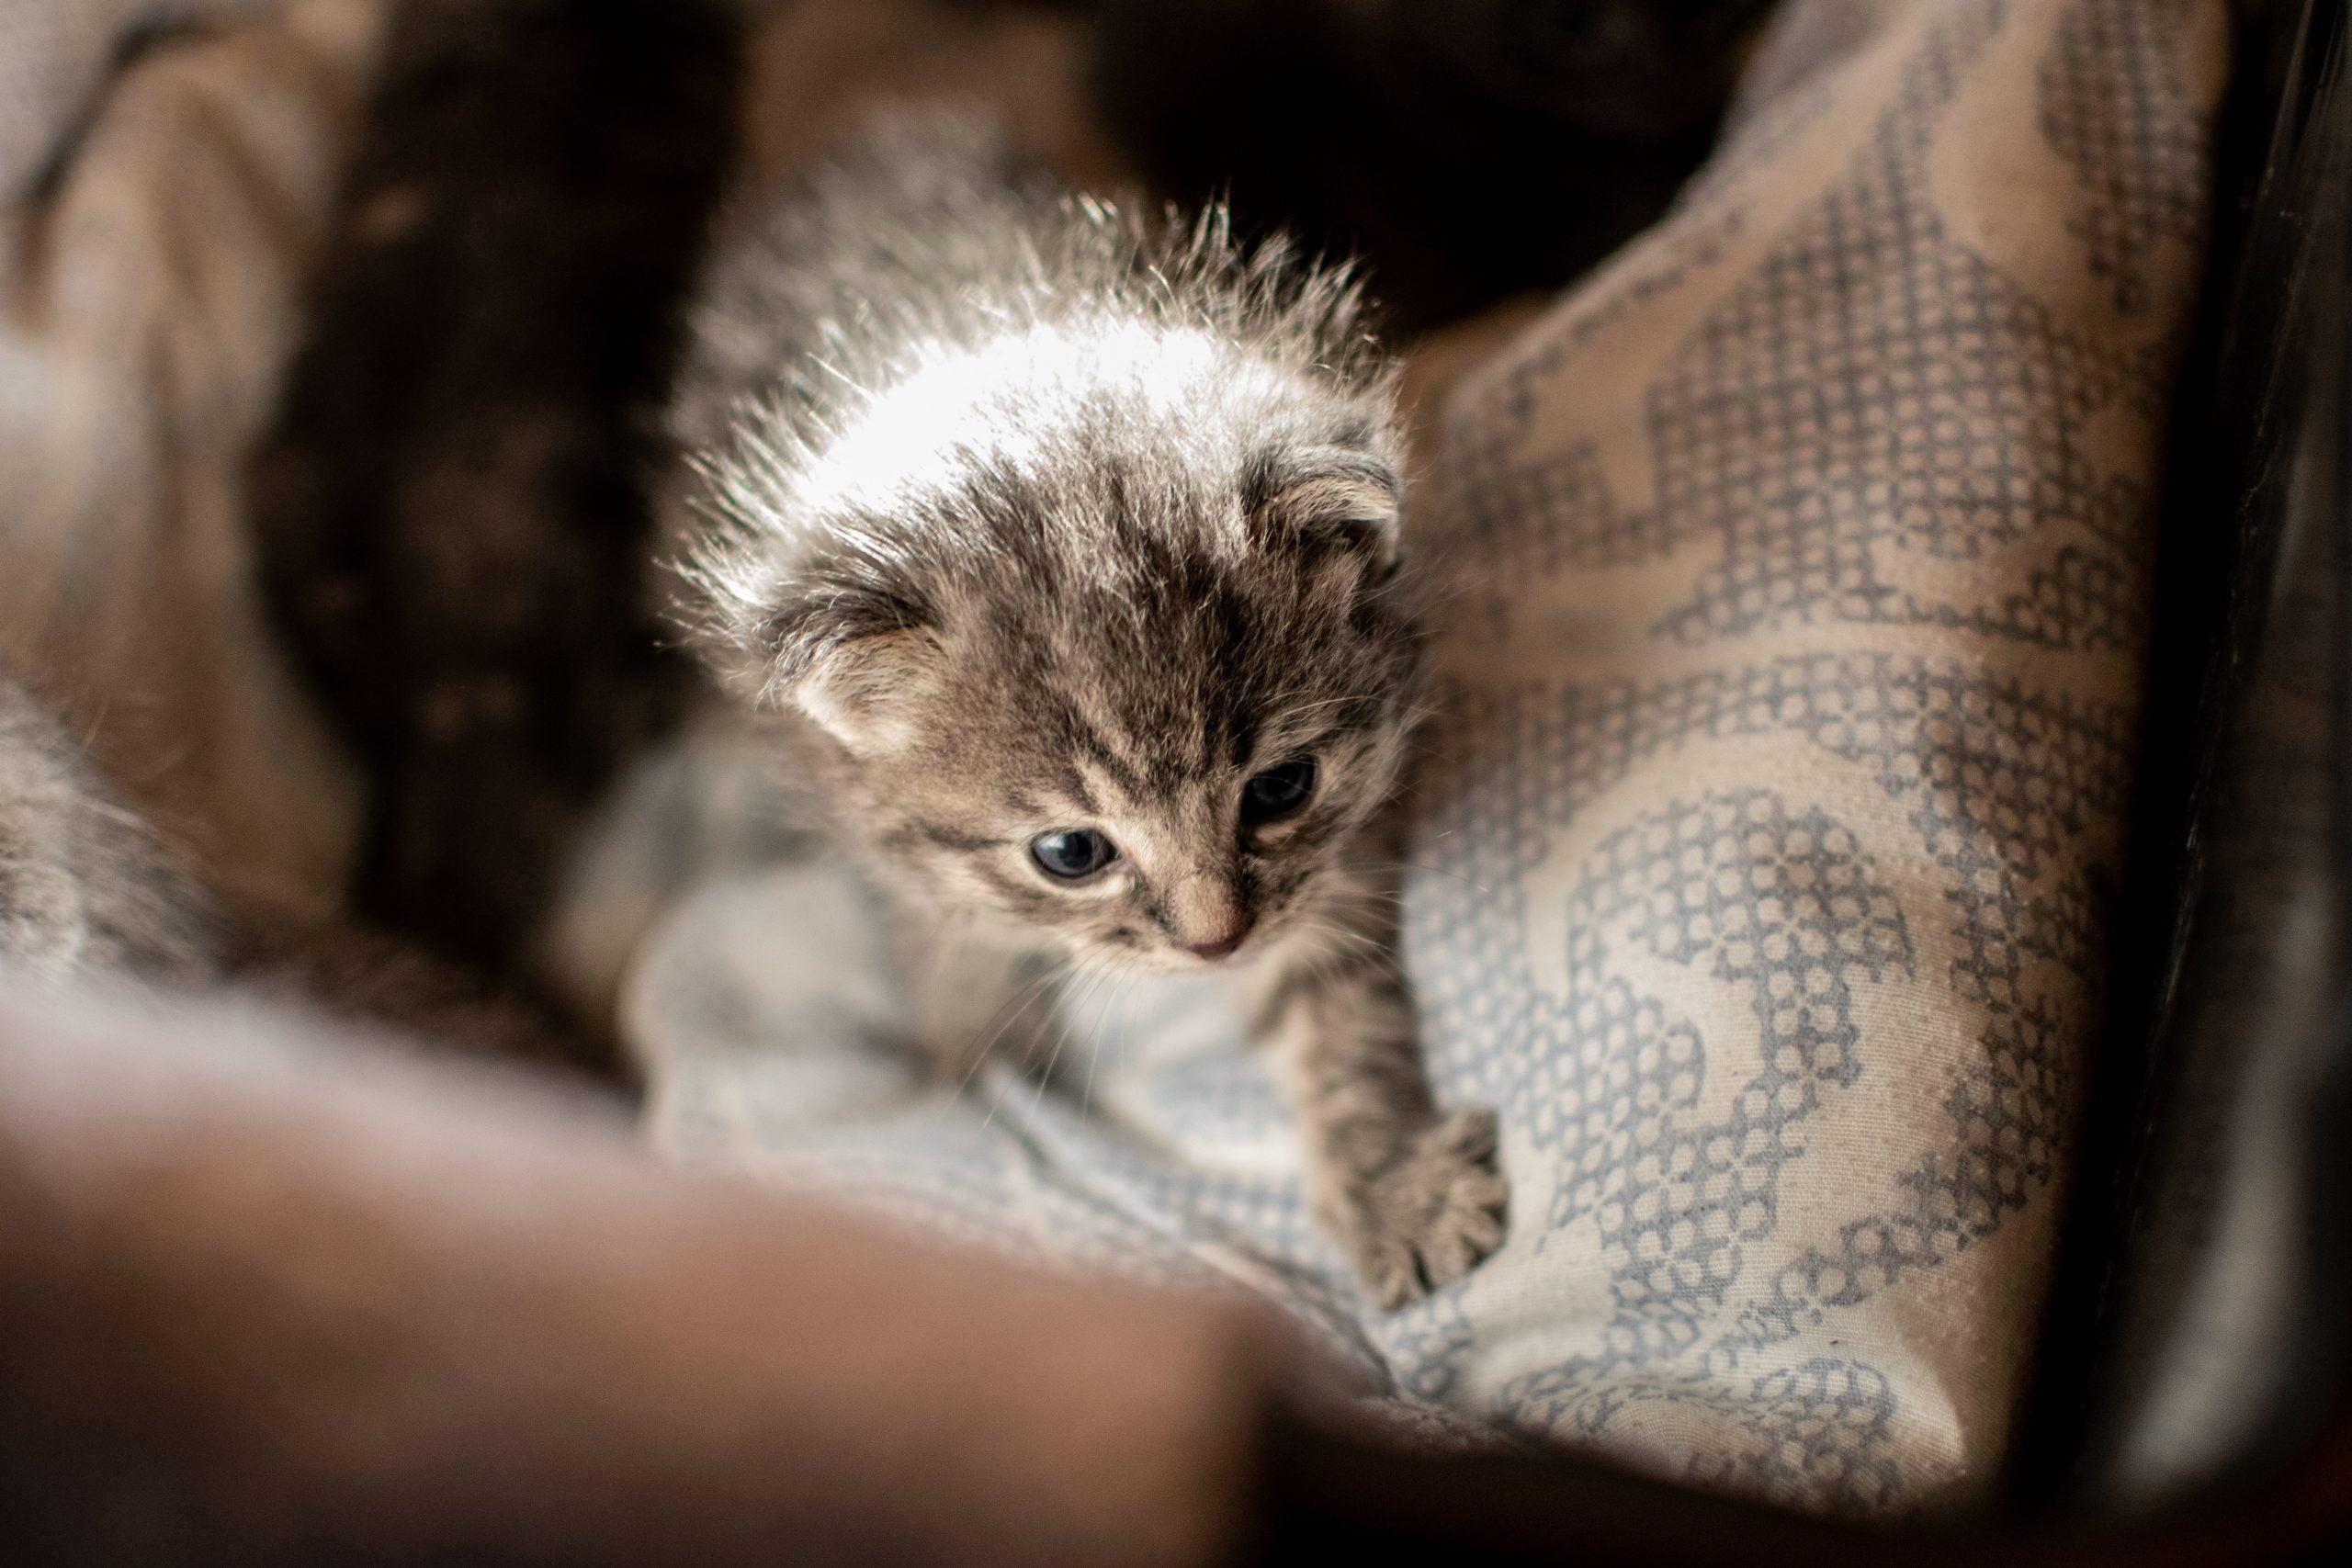 Síndrome del gatito desvanecido: causas, síntomas y tratamientos 1